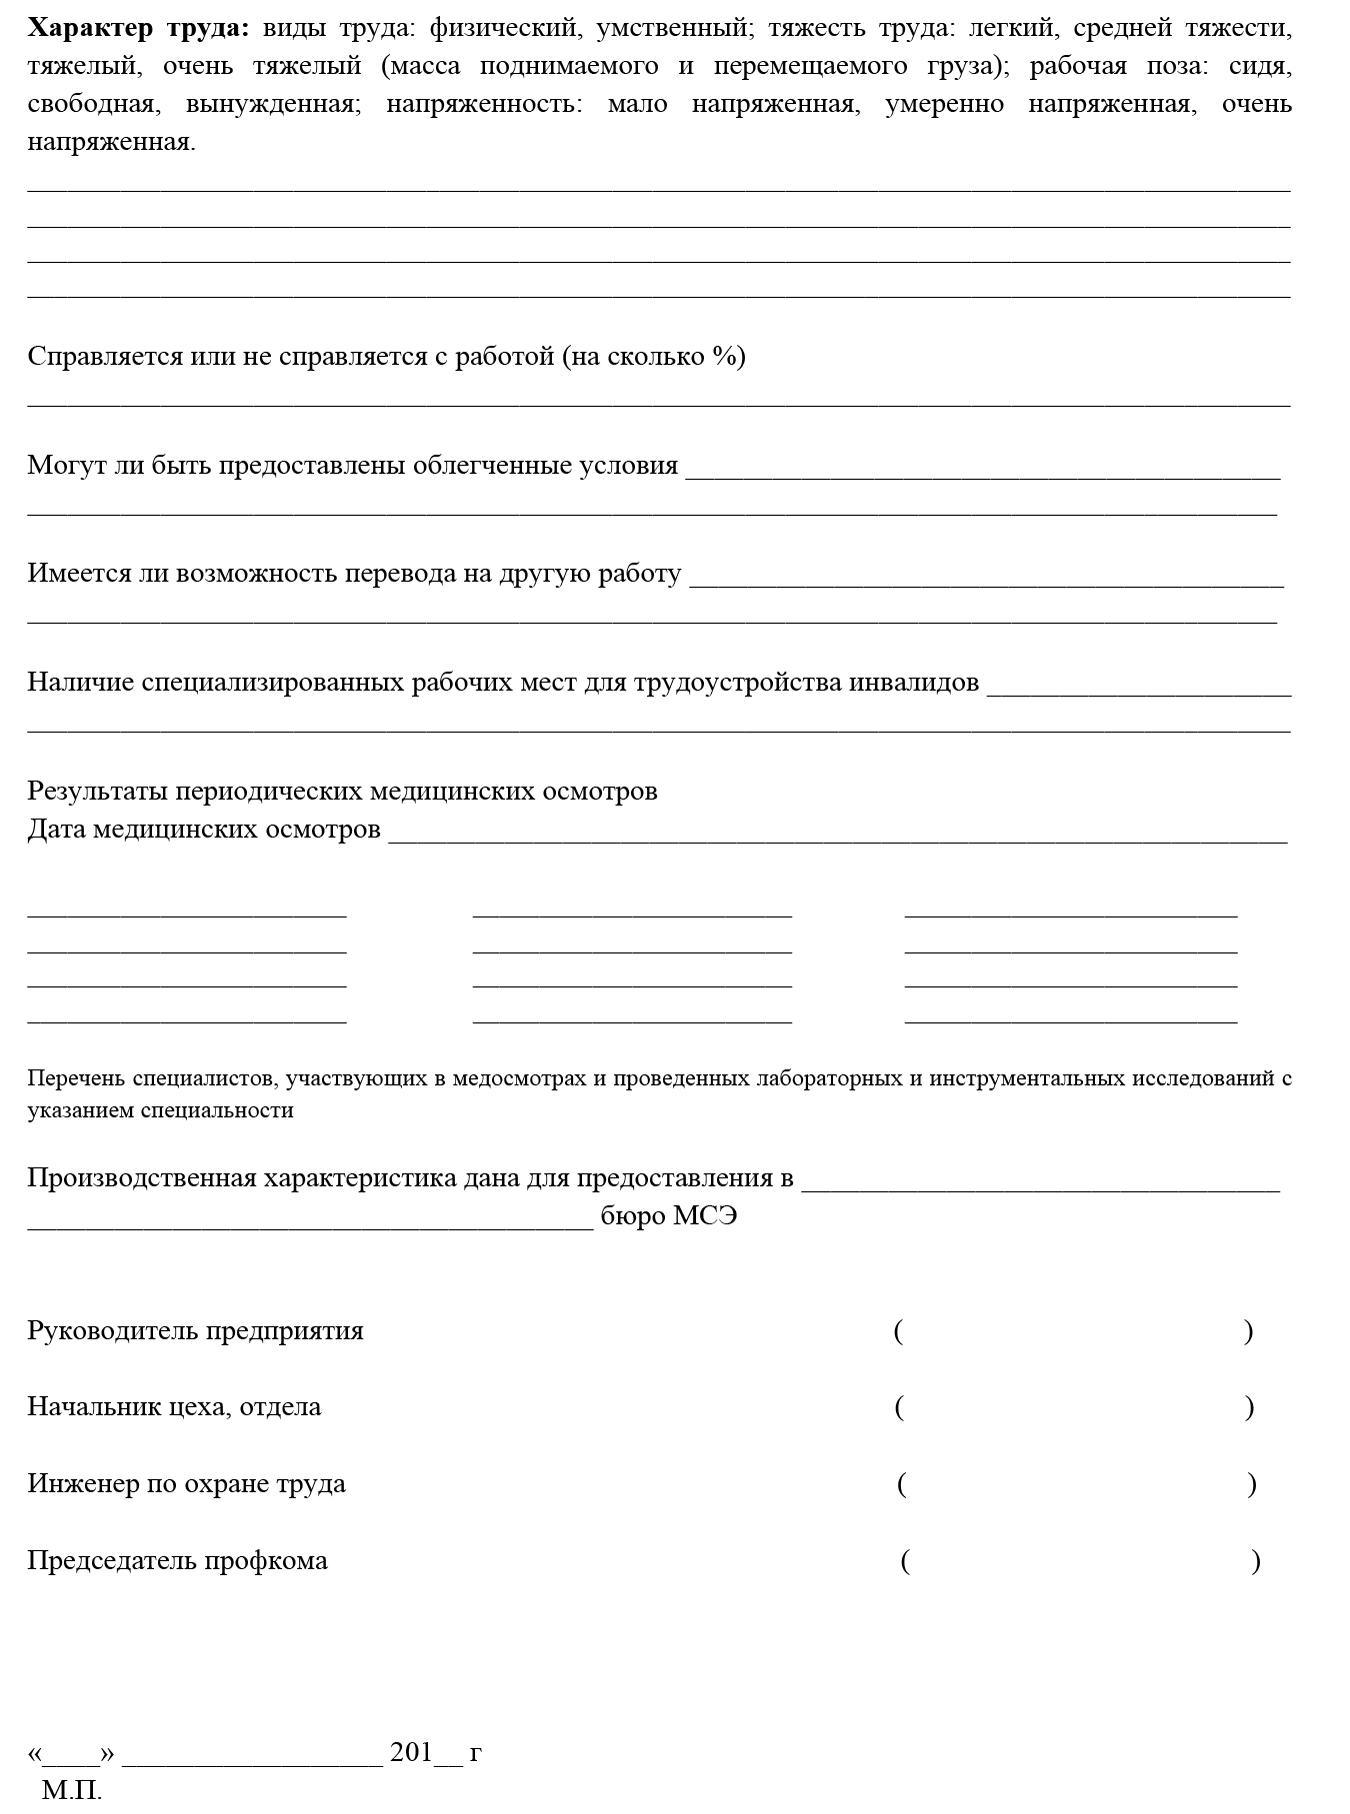 Бланк производственной характеристики